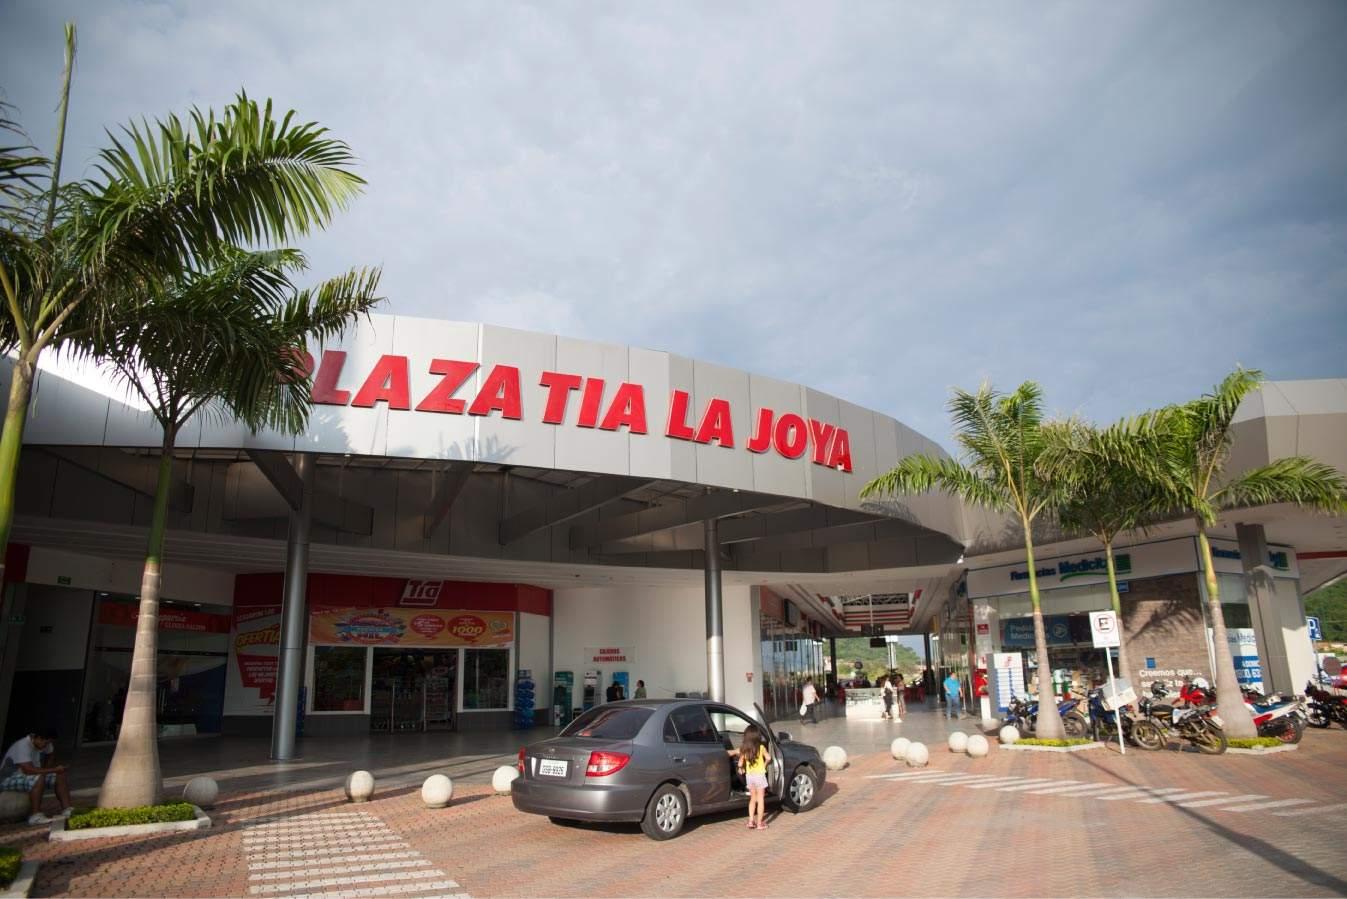 Plaza Tia en La Joya